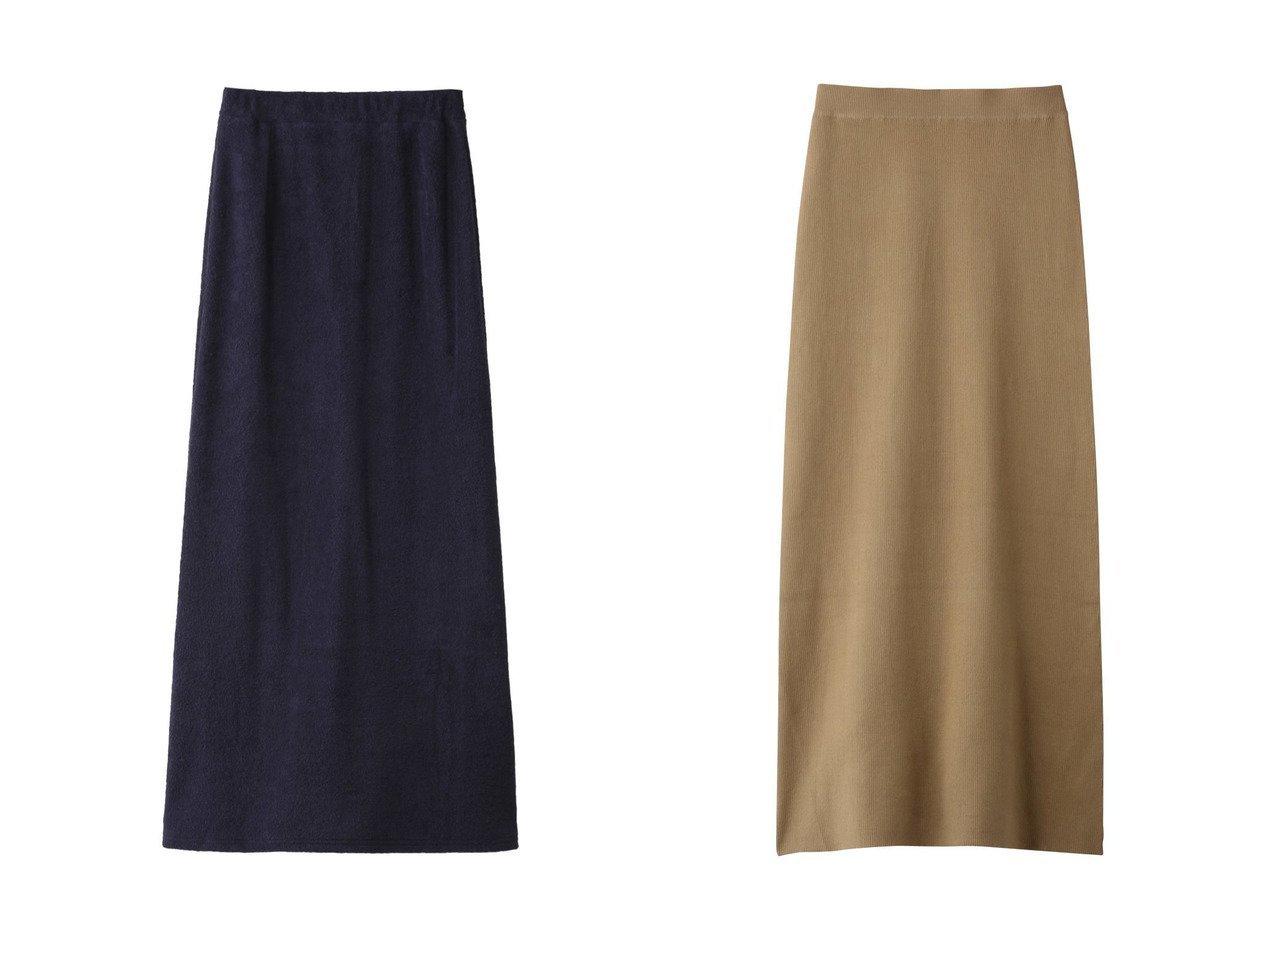 【Curensology/カレンソロジー】のCリブタイトスカート&【THIRD MAGAZINE/サードマガジン】のローゲージパイルスカート スカートのおすすめ!人気、レディースファッションの通販  おすすめで人気のファッション通販商品 インテリア・家具・キッズファッション・メンズファッション・レディースファッション・服の通販 founy(ファニー) https://founy.com/ ファッション Fashion レディース WOMEN スカート Skirt シンプル ベーシック ロング |ID:crp329100000000087